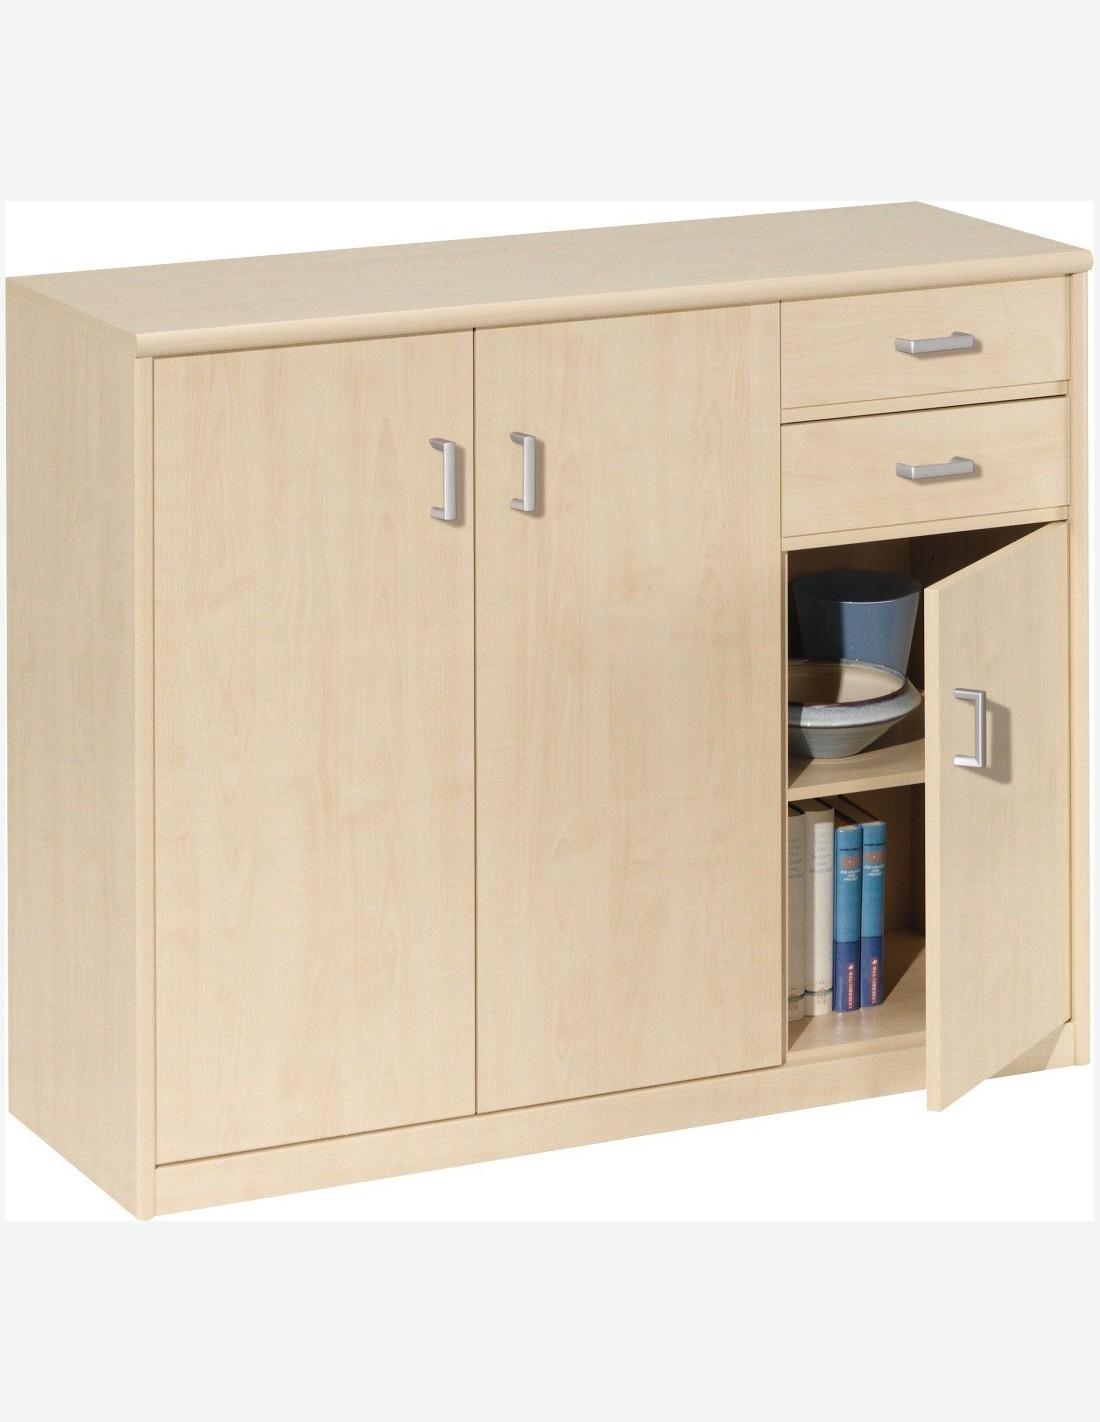 kommode mit 3 t ren und 2 schubladen. Black Bedroom Furniture Sets. Home Design Ideas